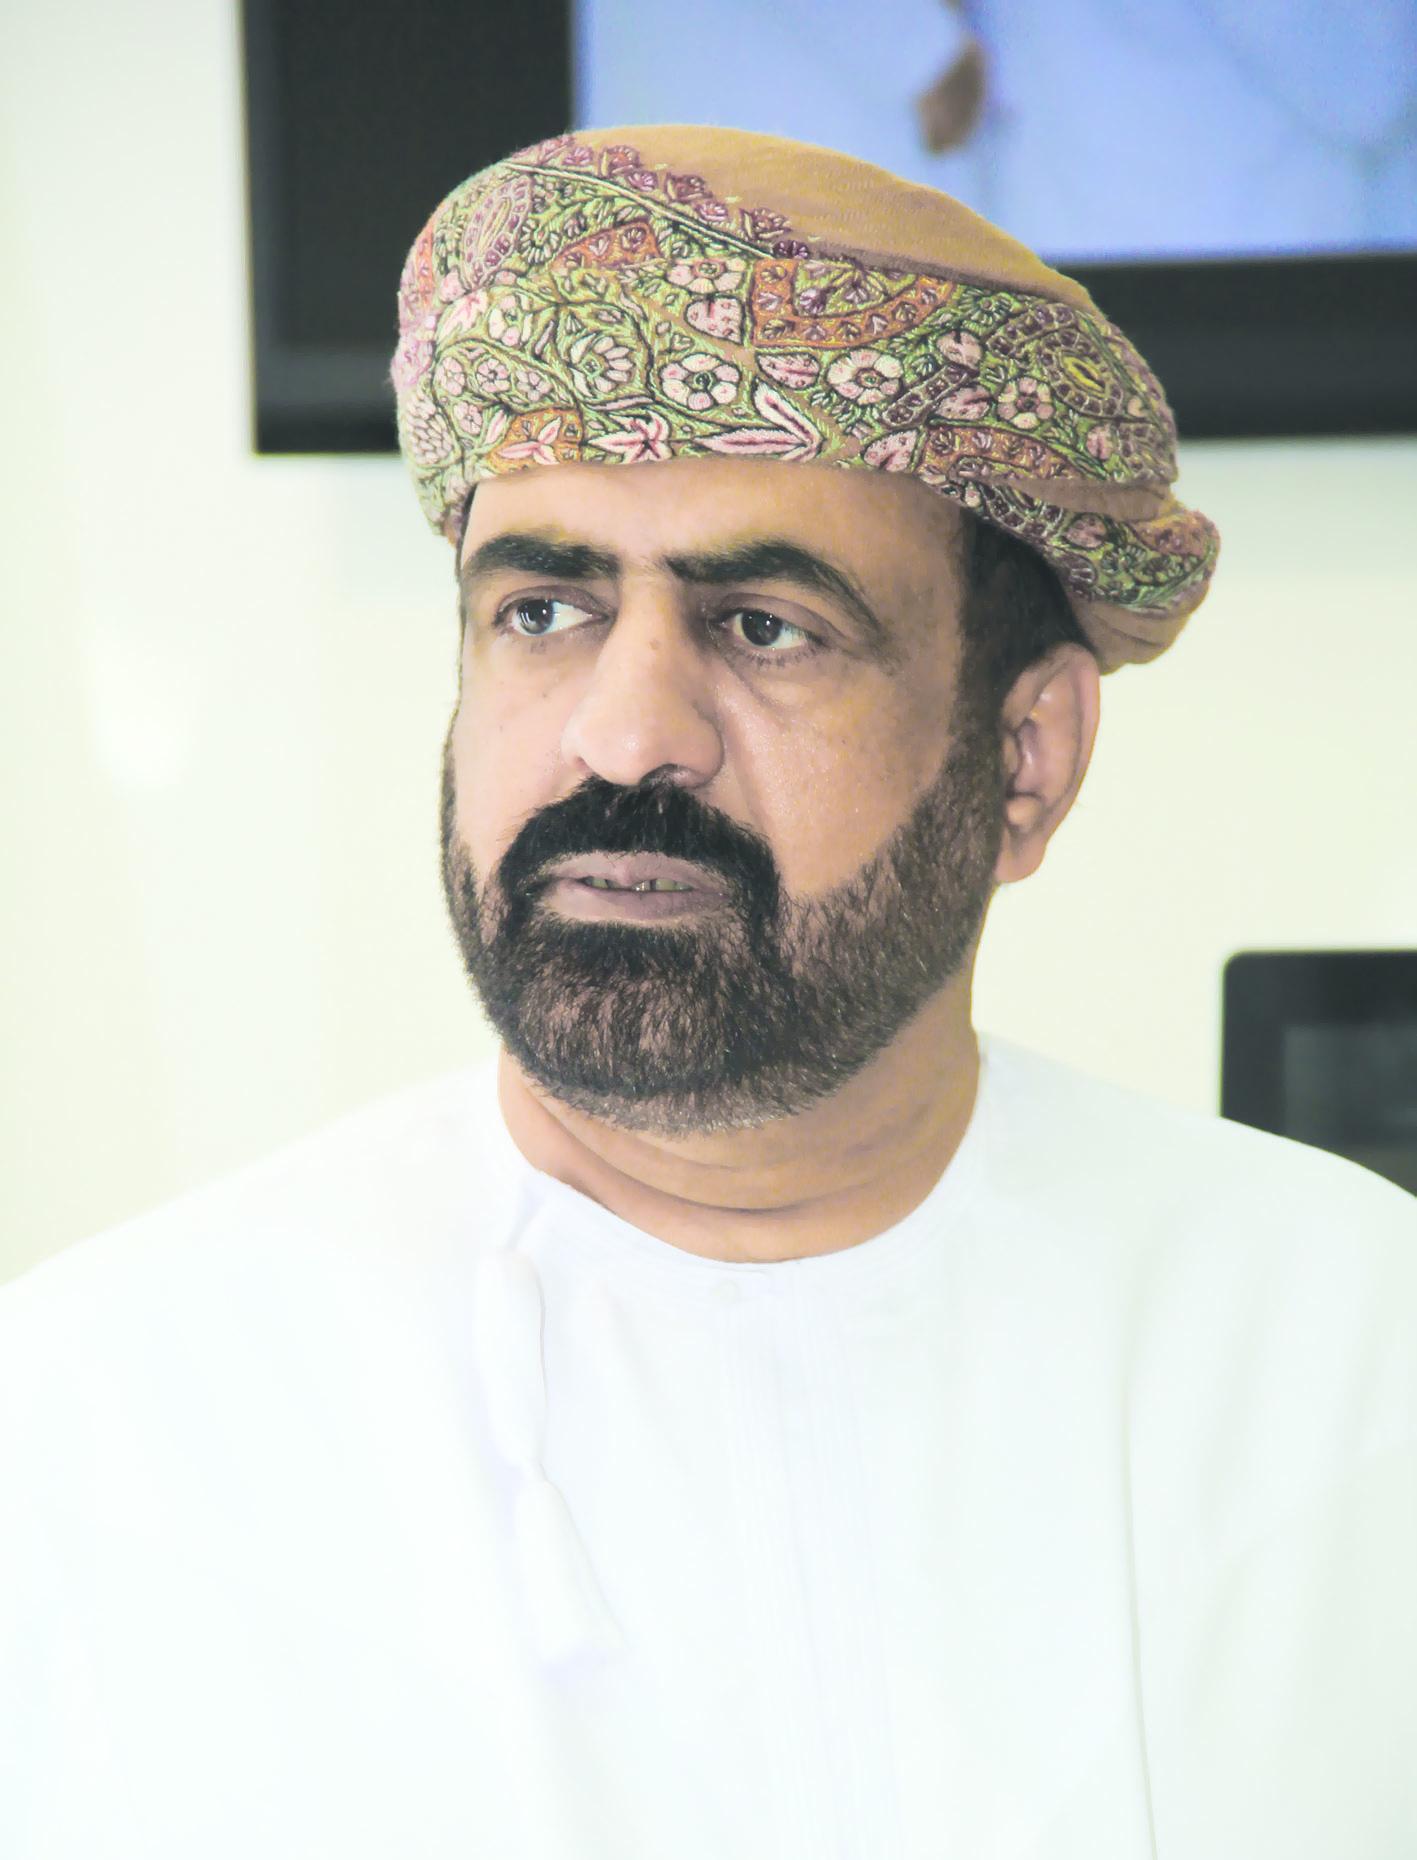 تدشين فعالية الأسرة الواحدة بـ «أفنيوز مول» ضمن فعاليات الأسبوع الخليجي للمستهلك